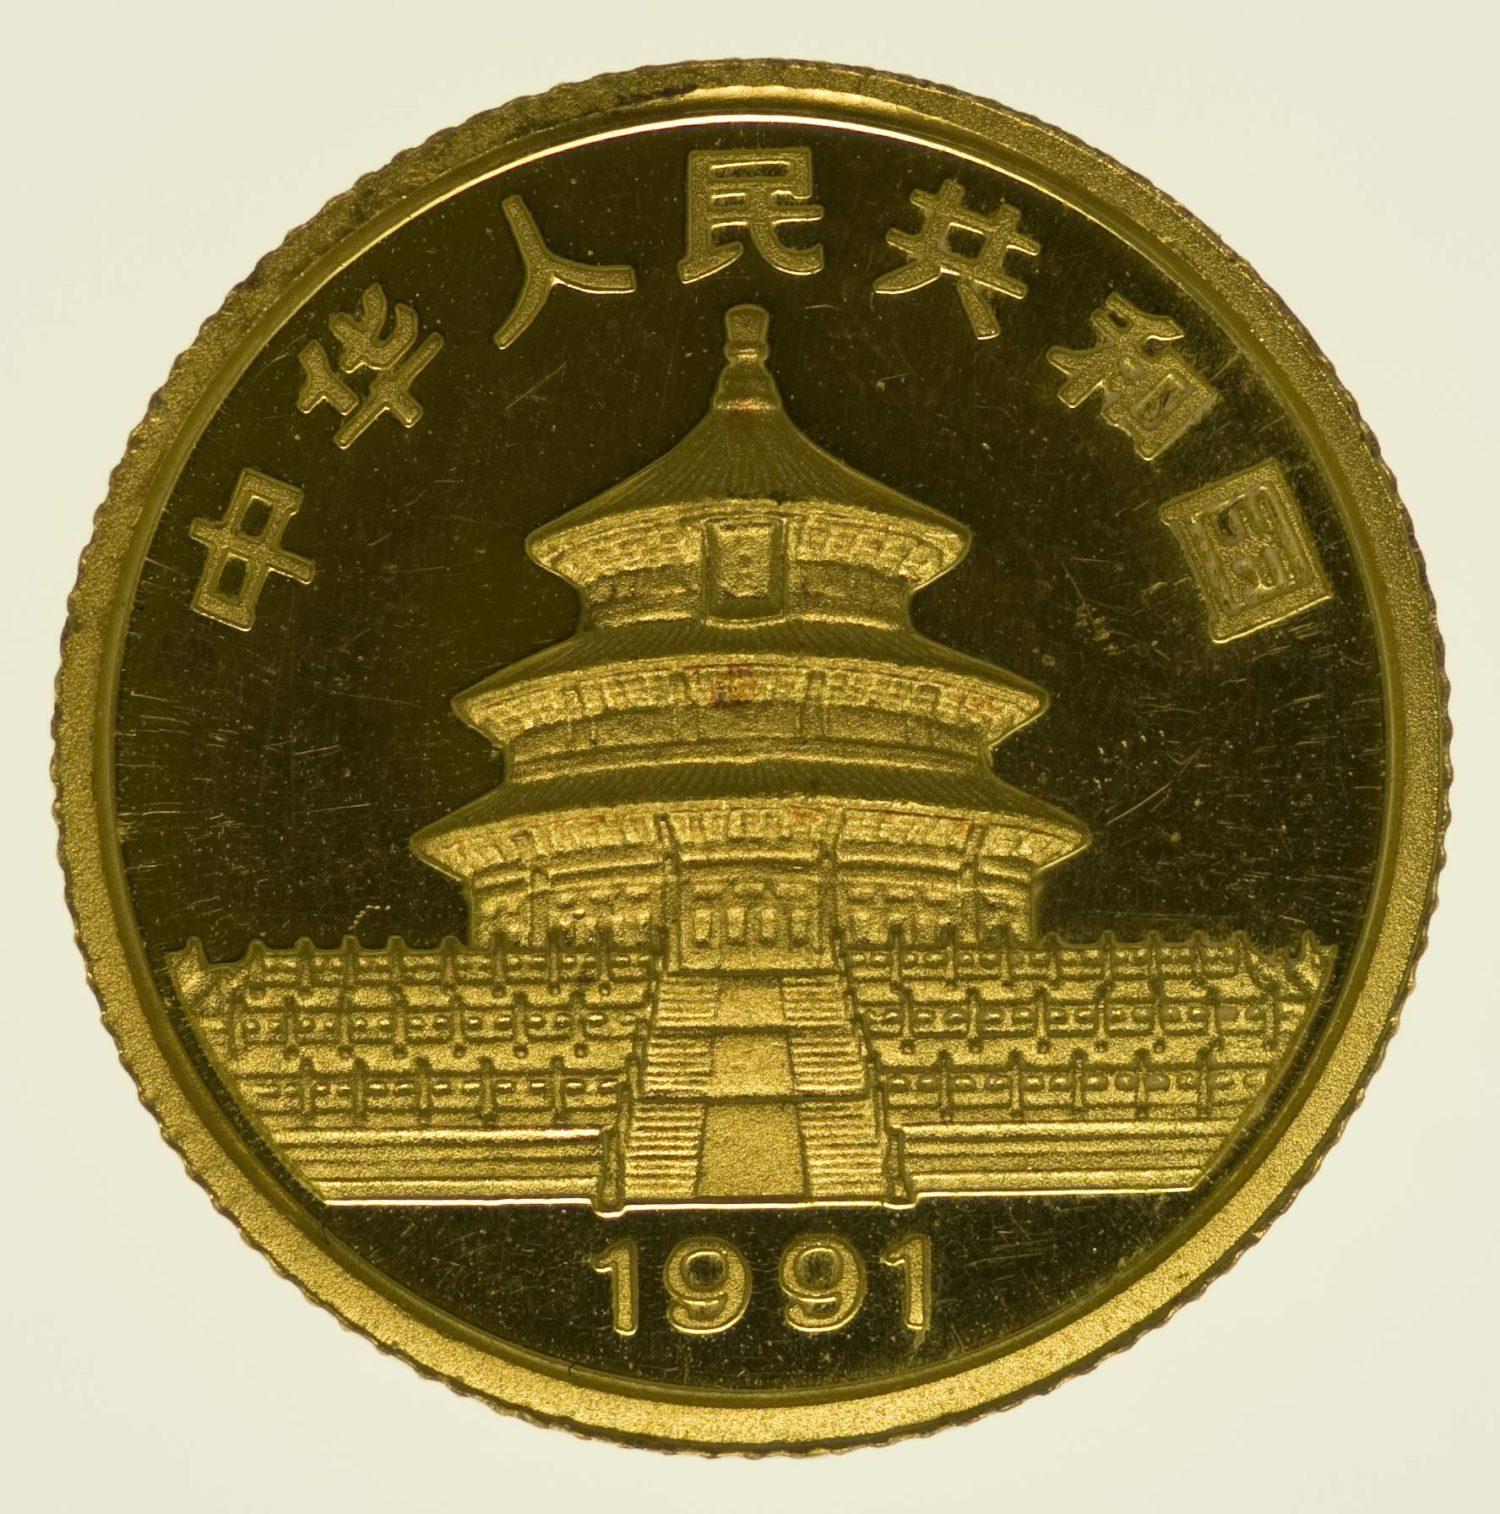 1/10 Unze Goldmünze China Panda 1991 10 Yuan 3,11 Gramm fein Gold RAR